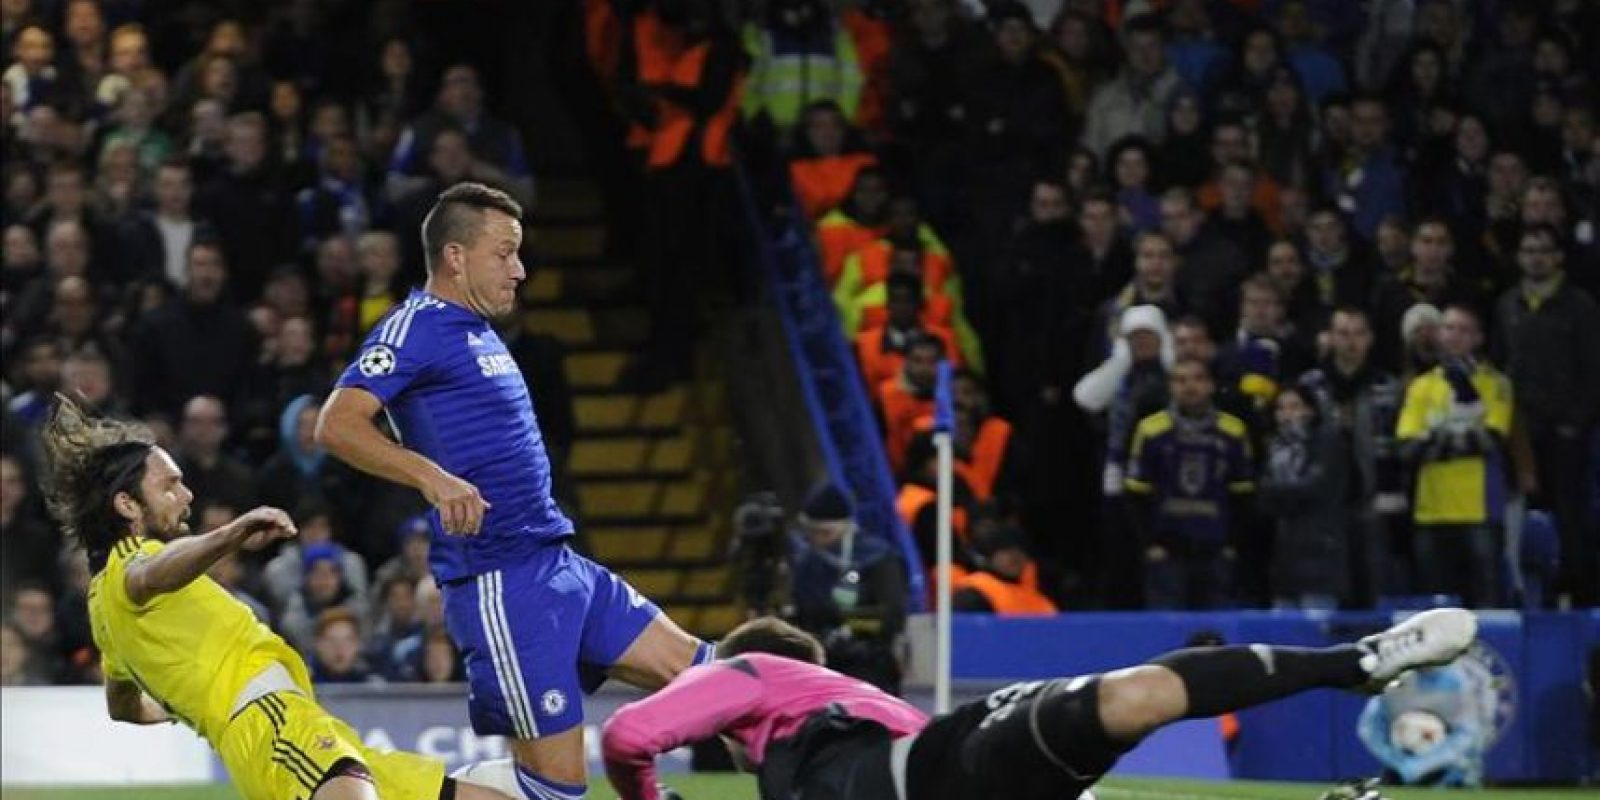 El jugador del Chelsea John Terry (C) anota un gol ante el Maribor hoy, martes 21 de octubre de 2014, durante el juego del grupo G de la Liga de Campeones. EFE